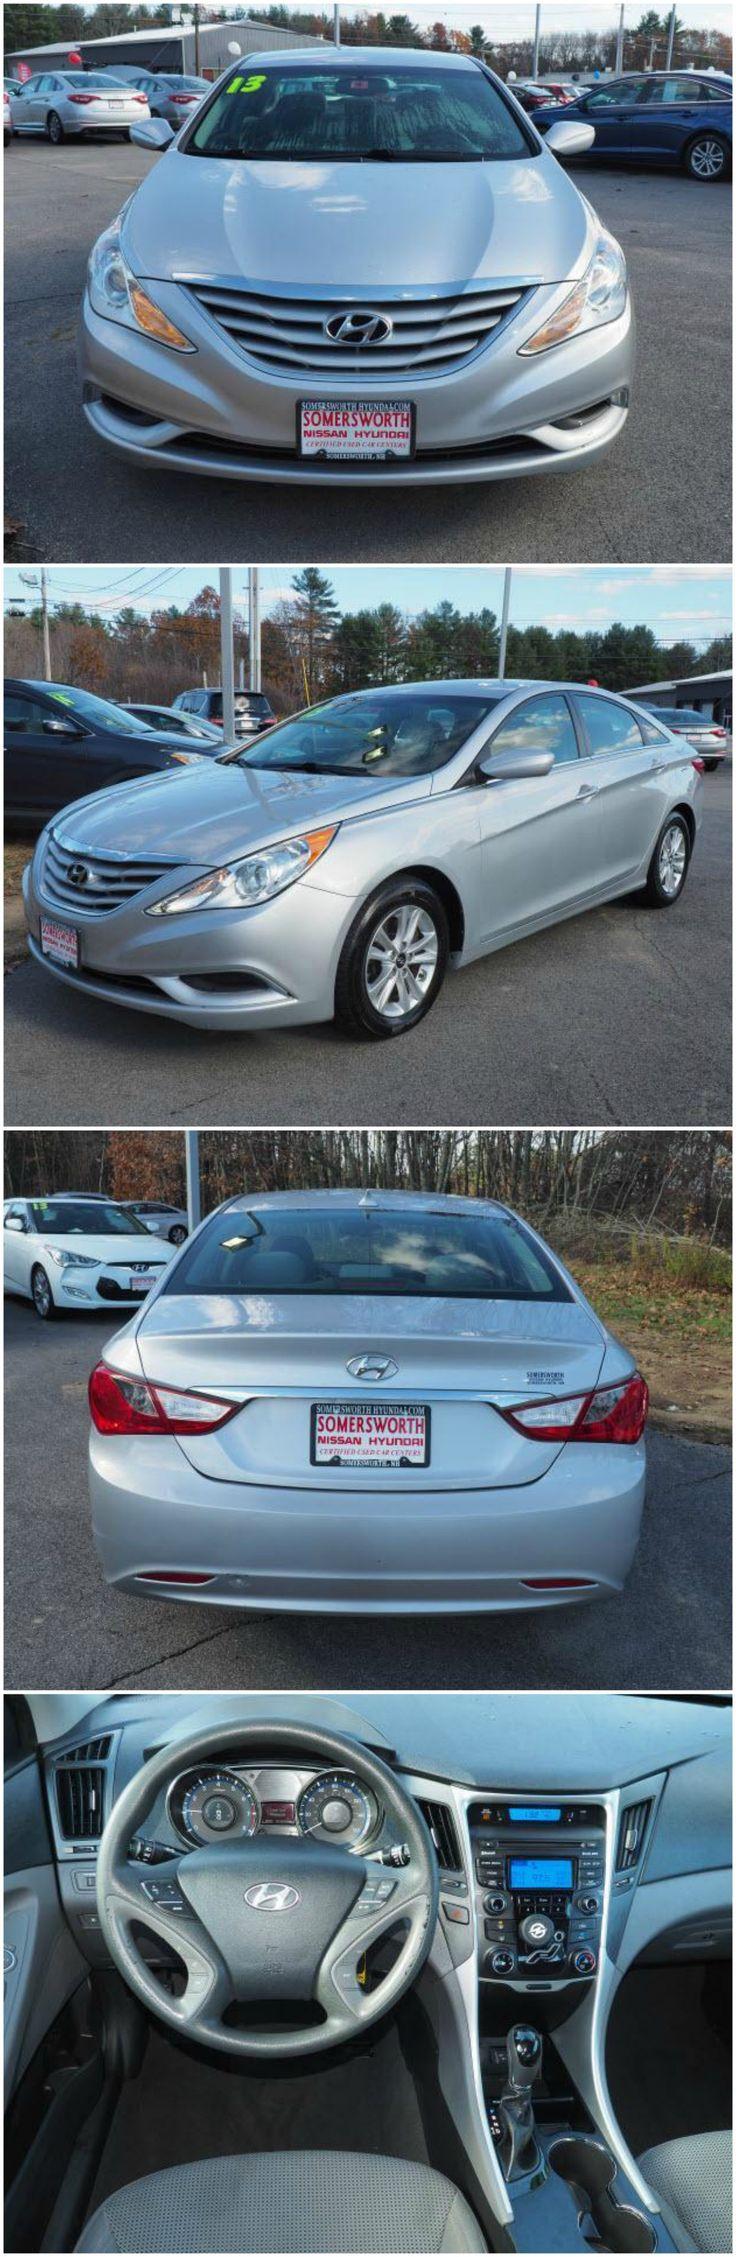 2013 Hyundai Sonata GLS - $9,564